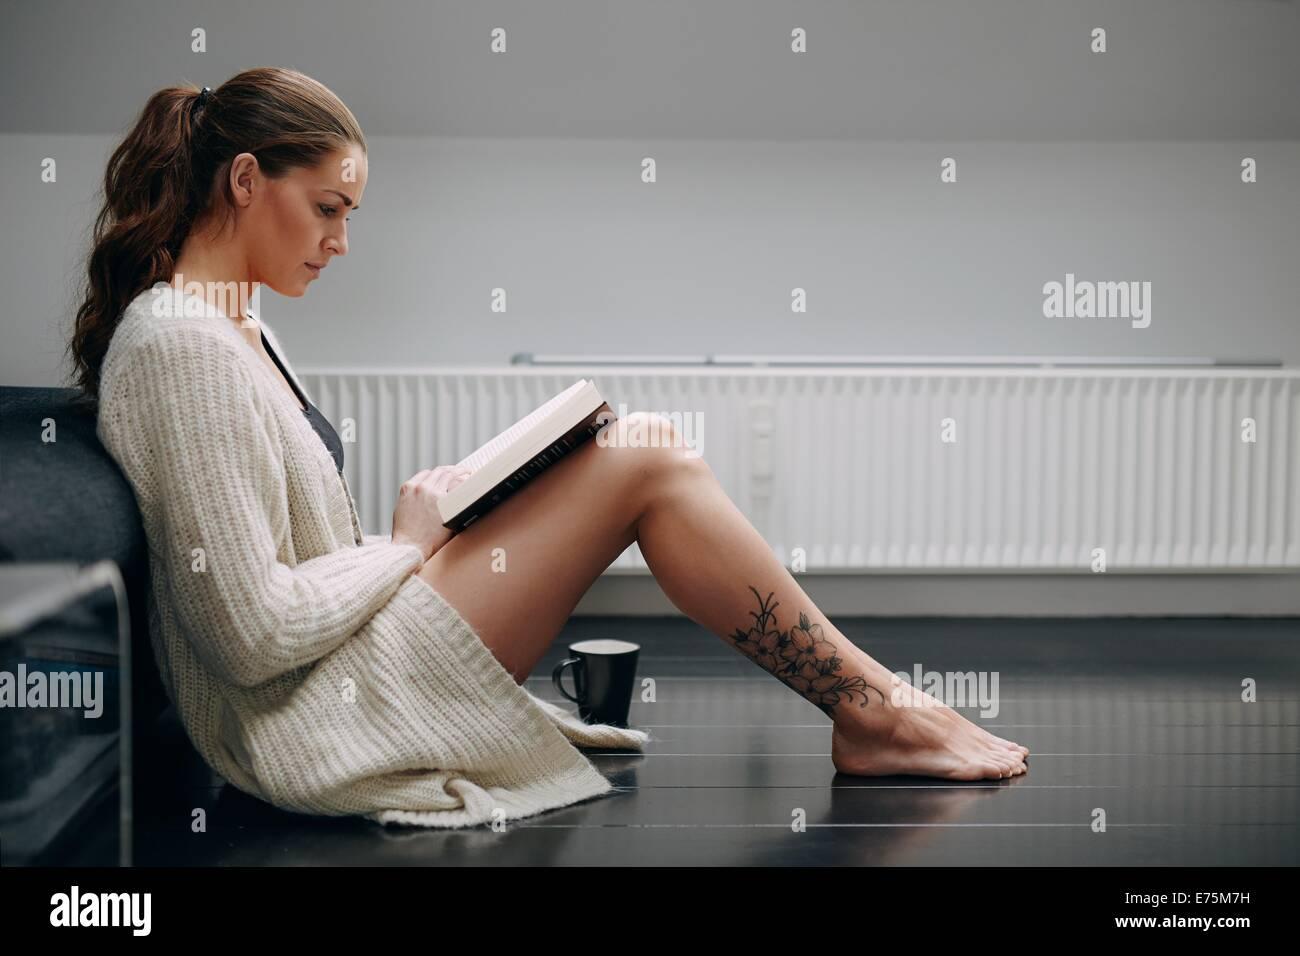 Seitlicher Blick auf schöne junge Dame ein Buch zu lesen. Kaukasisches weibliches Modell zu Hause sitzen am Stockbild